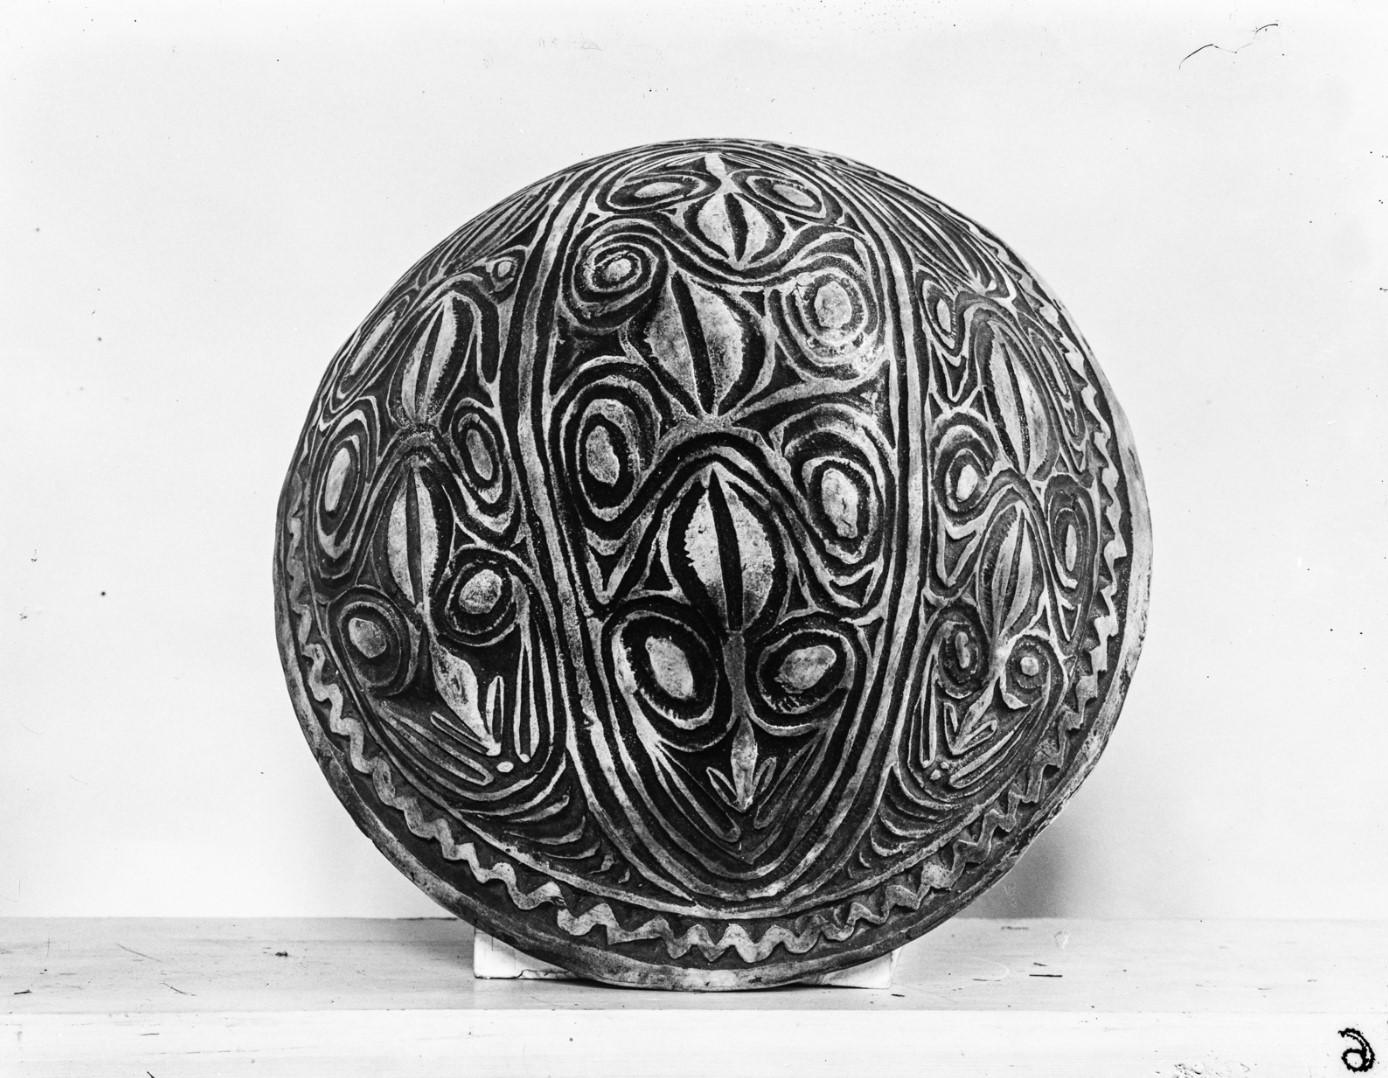 Орнаментированная глиняная миска